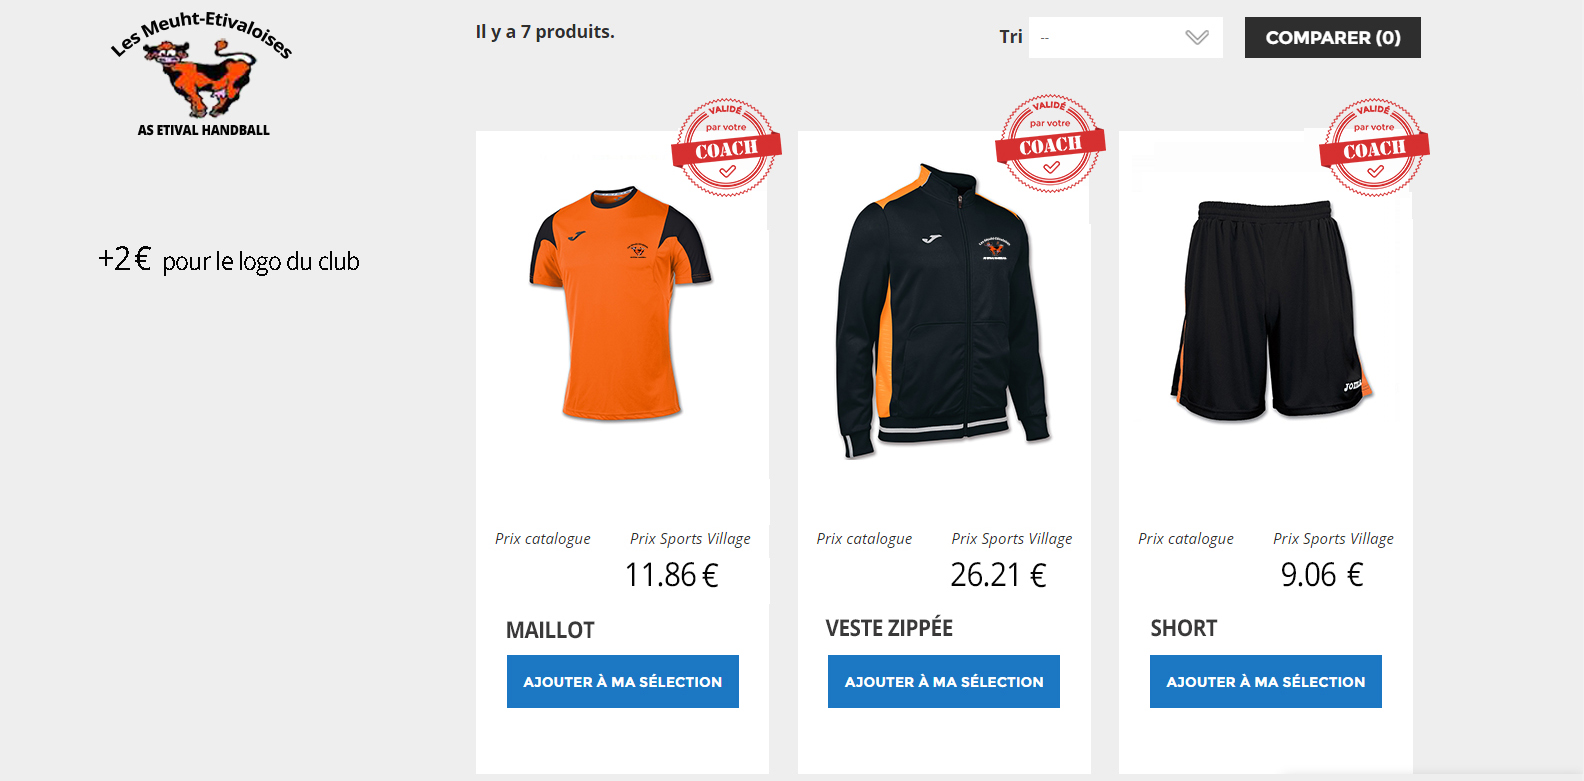 ac8e9c5a0bdb ... on peut noter la création de boutiques personnalisées. Une  personnalisation aux couleurs du club qui permet à ce dernier de pouvoir  vendre ...